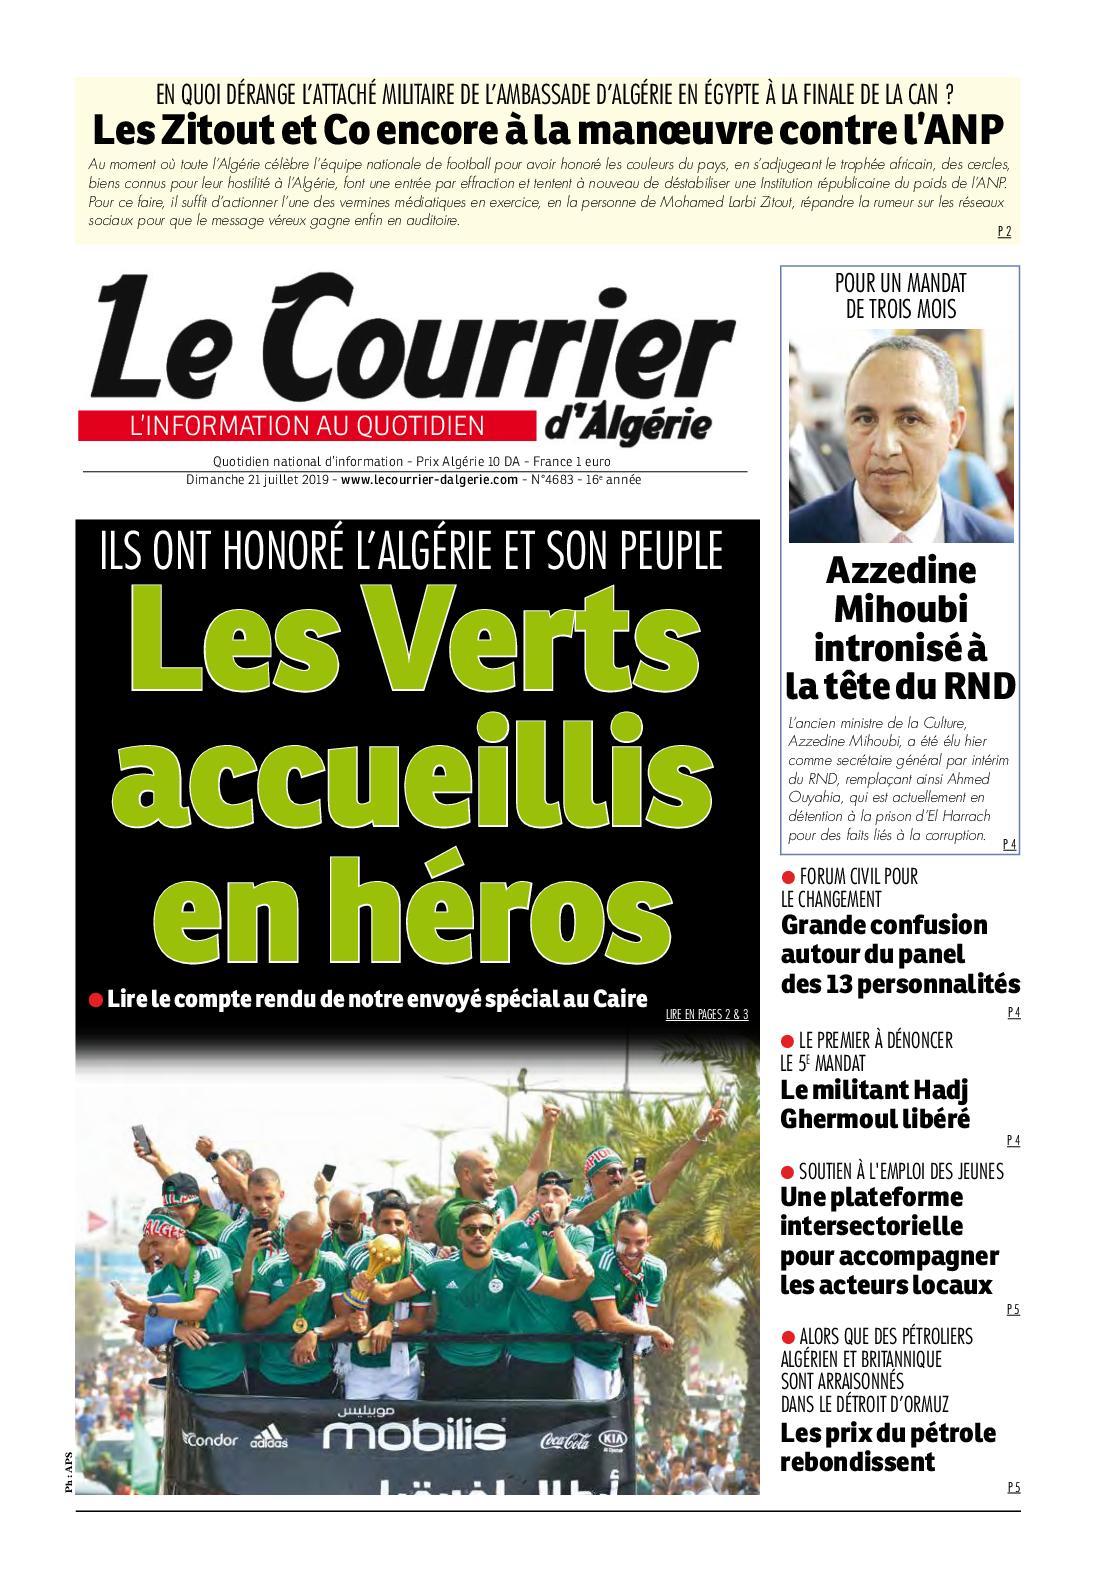 Le Courrier D'algérie Du Dimanche 21 Juillet 2019